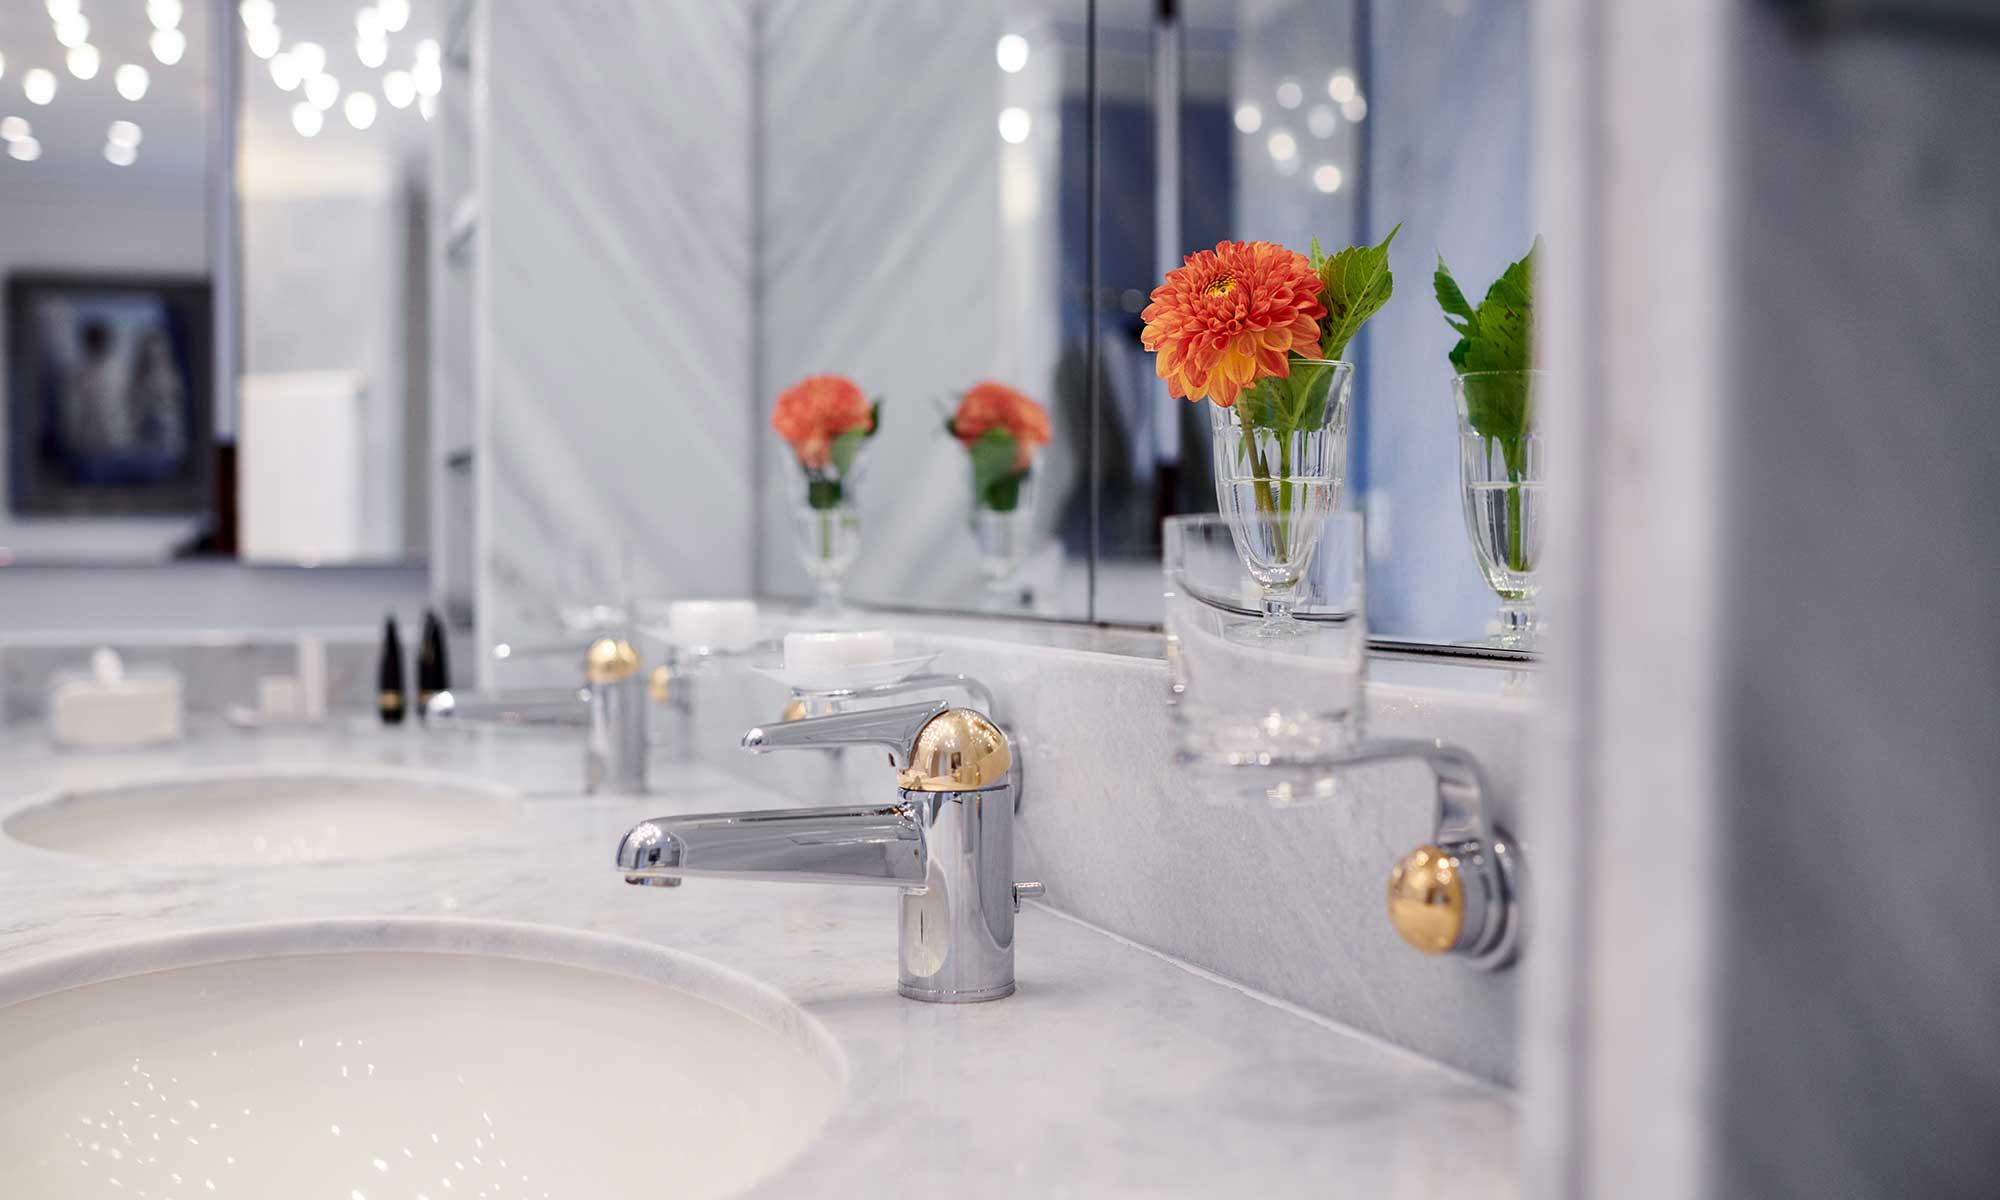 Florale Dekoration in einem Badezimmer der Max Grundig Klinik